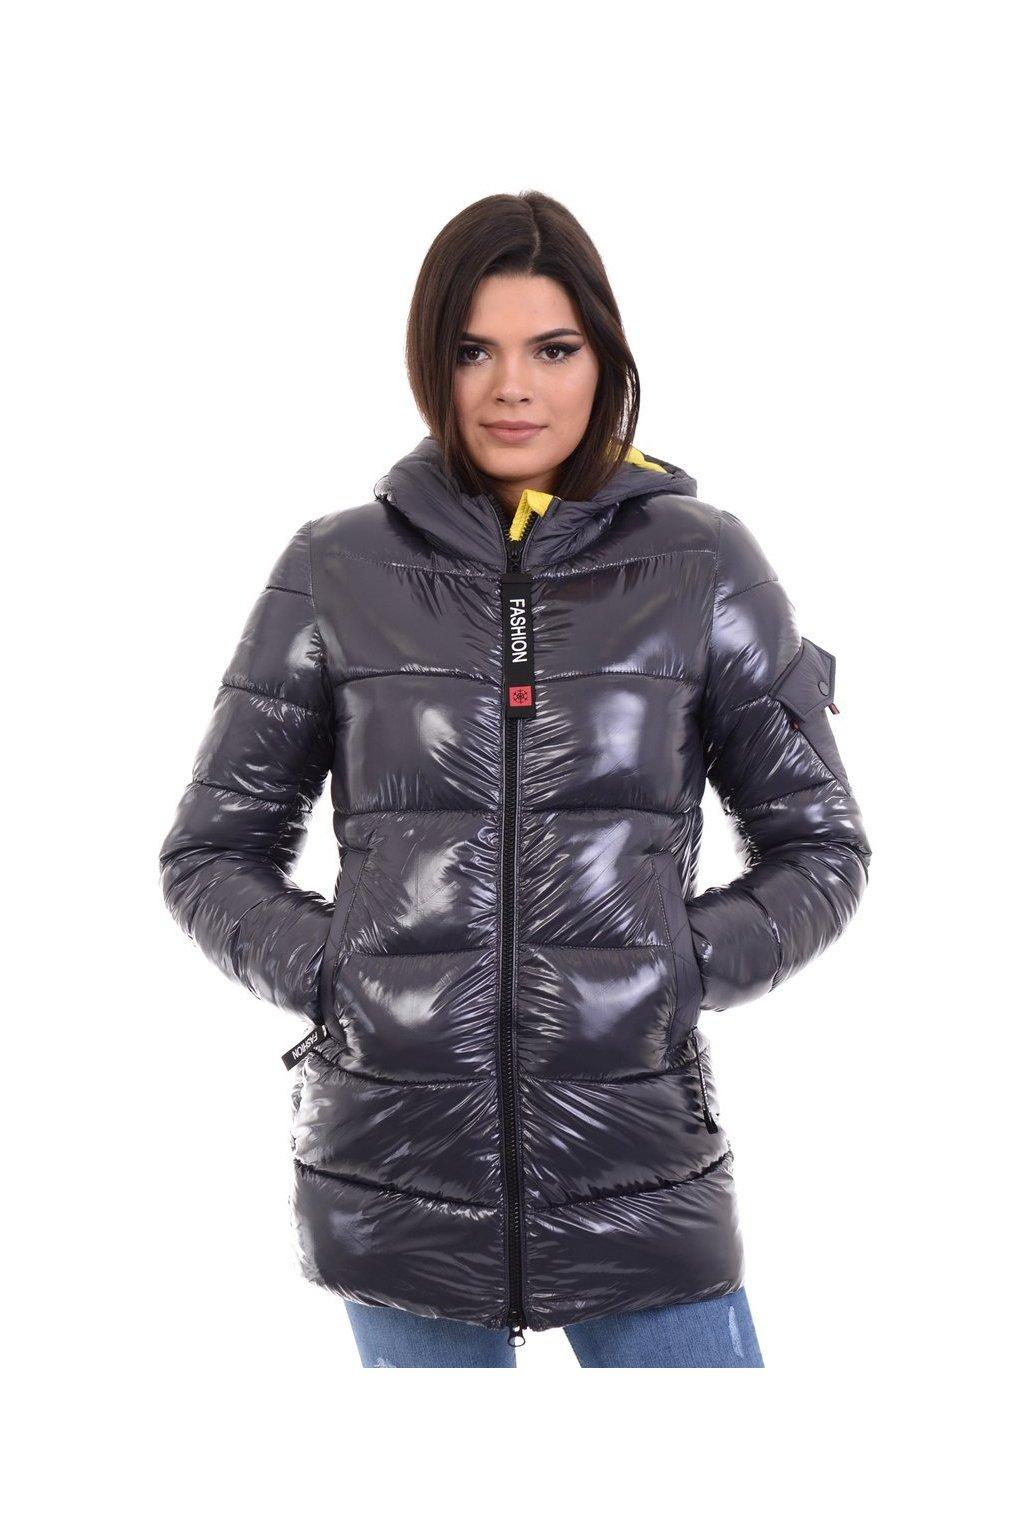 Dámska zimná bunda s kapucňou 4767 šedo-žltá